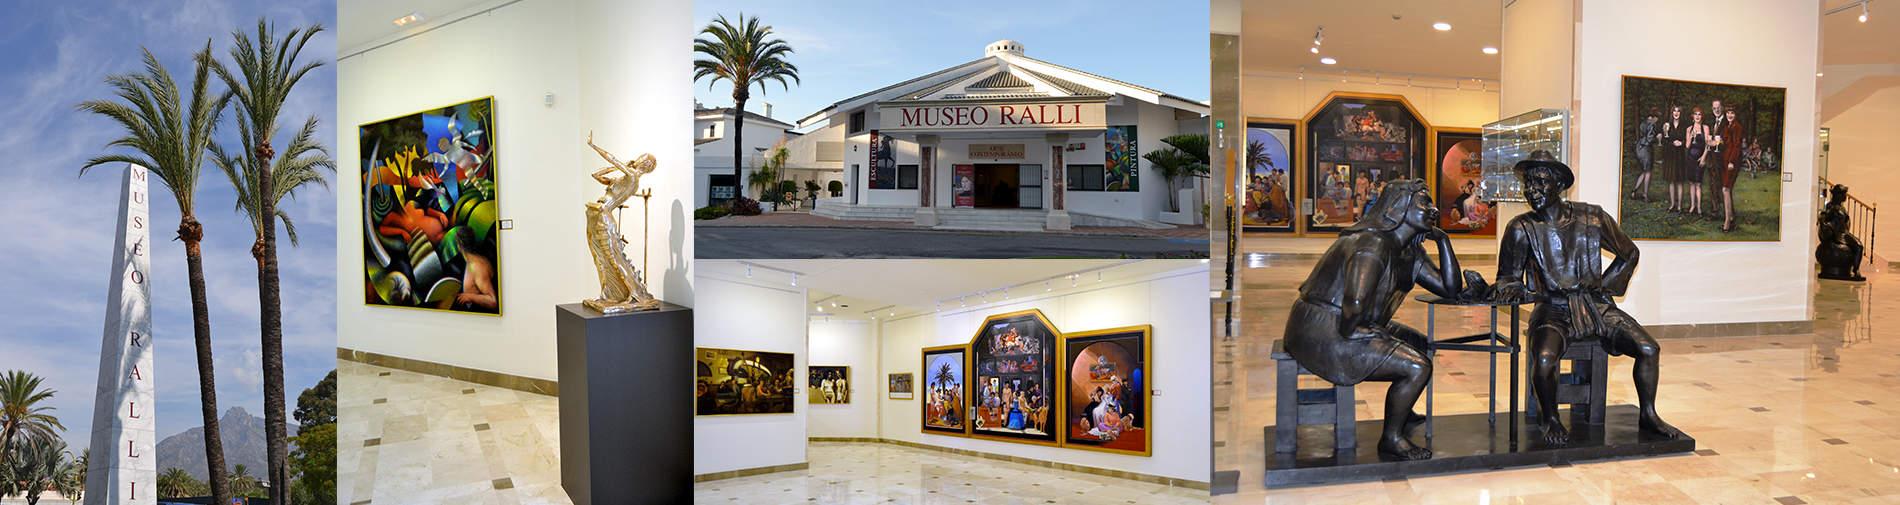 מוזיאון ראלי במארבייה, ספרד